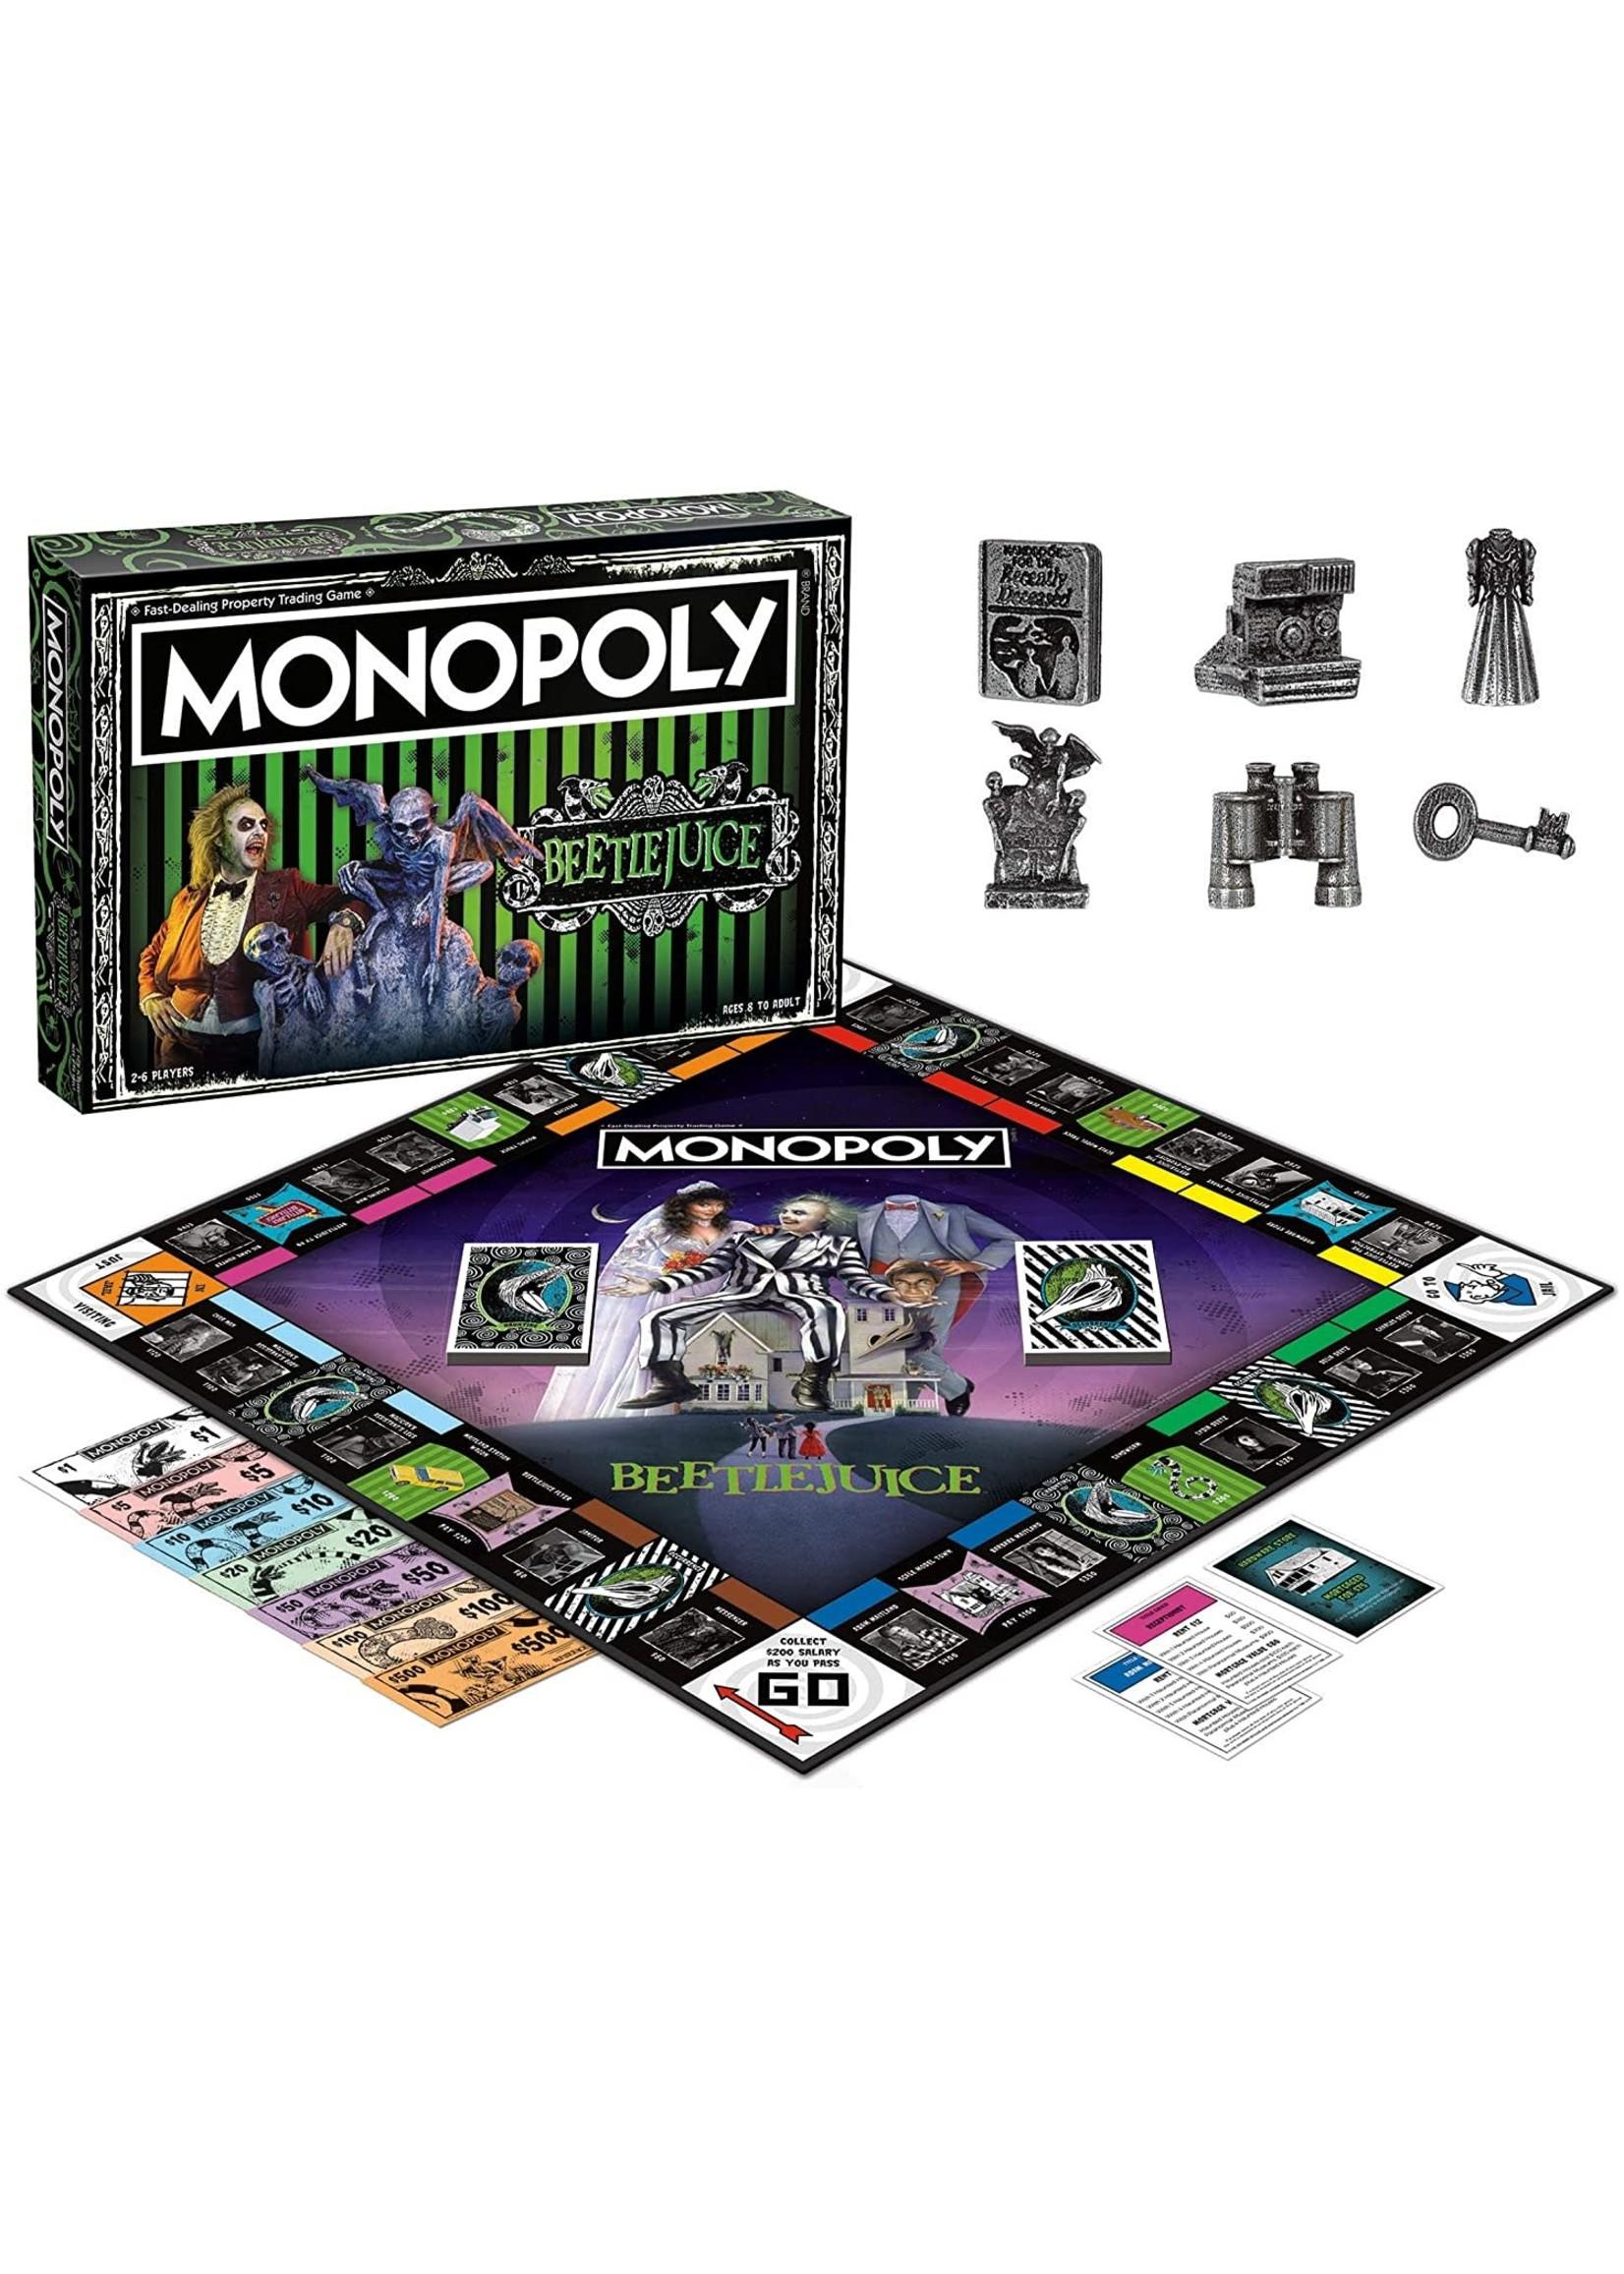 The OP Games Monopoly - Beetlejuice